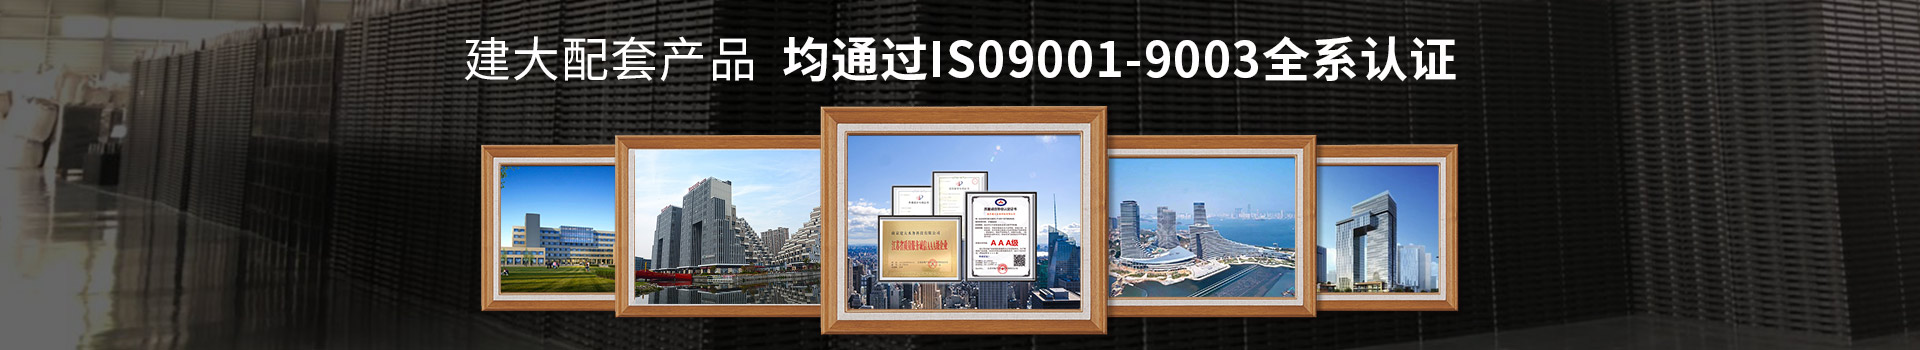 建大水务配套产品 均通过IS09001-9003全系认证